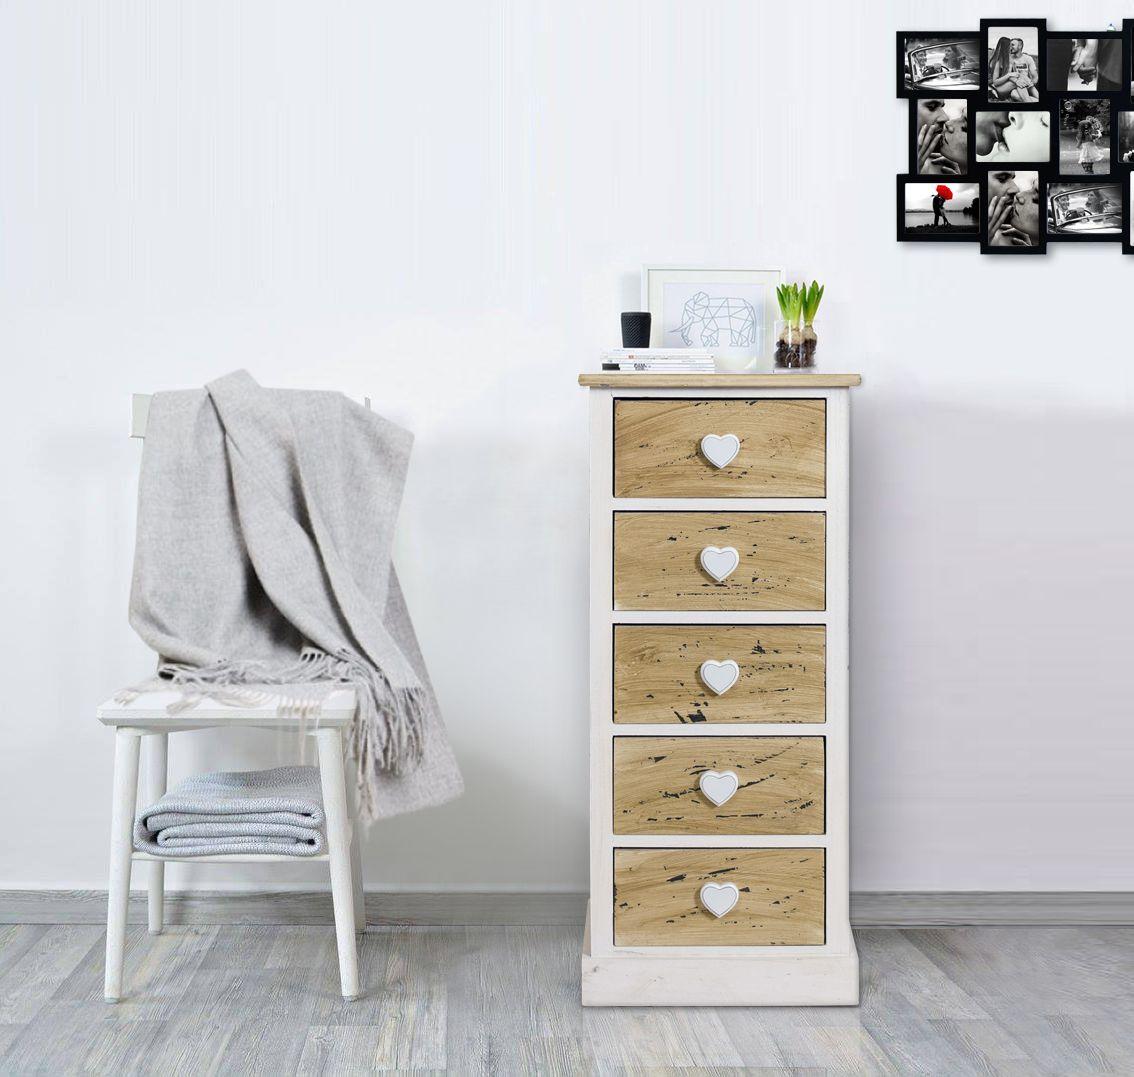 cassettiera in stile shabby chic, in legno di paulownia bianco e ... - Cassettiera Legno Scuro